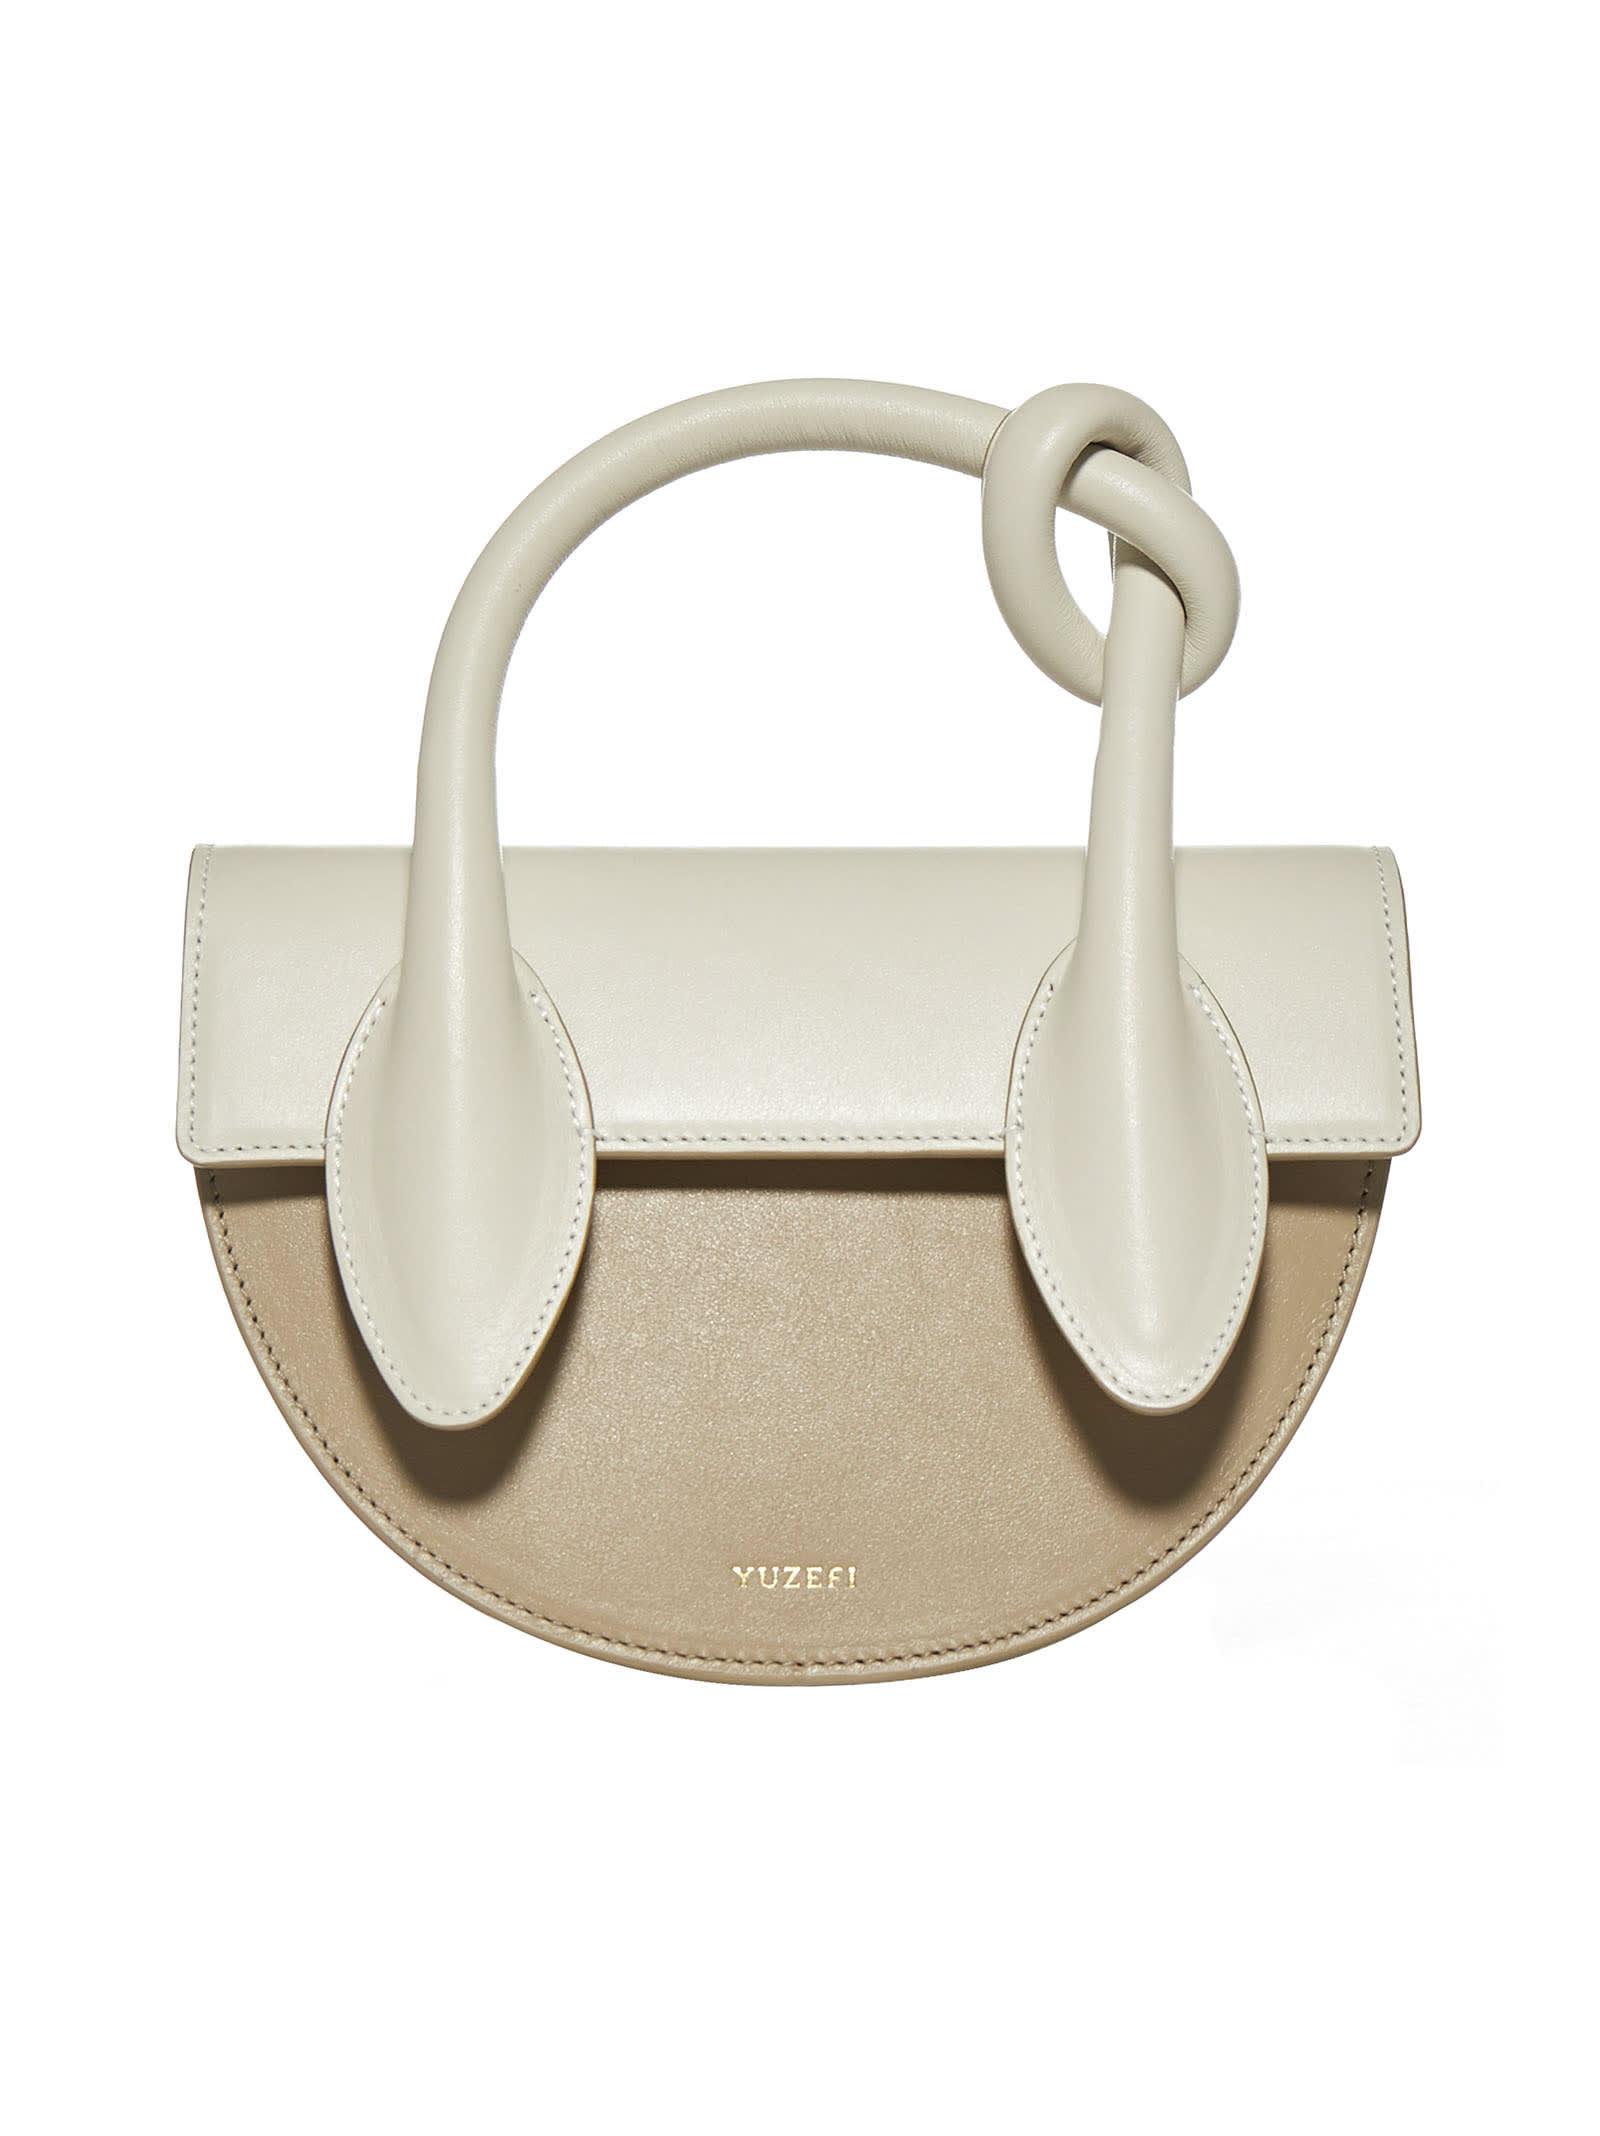 YUZEFI Dolores Color-block Leather Bag